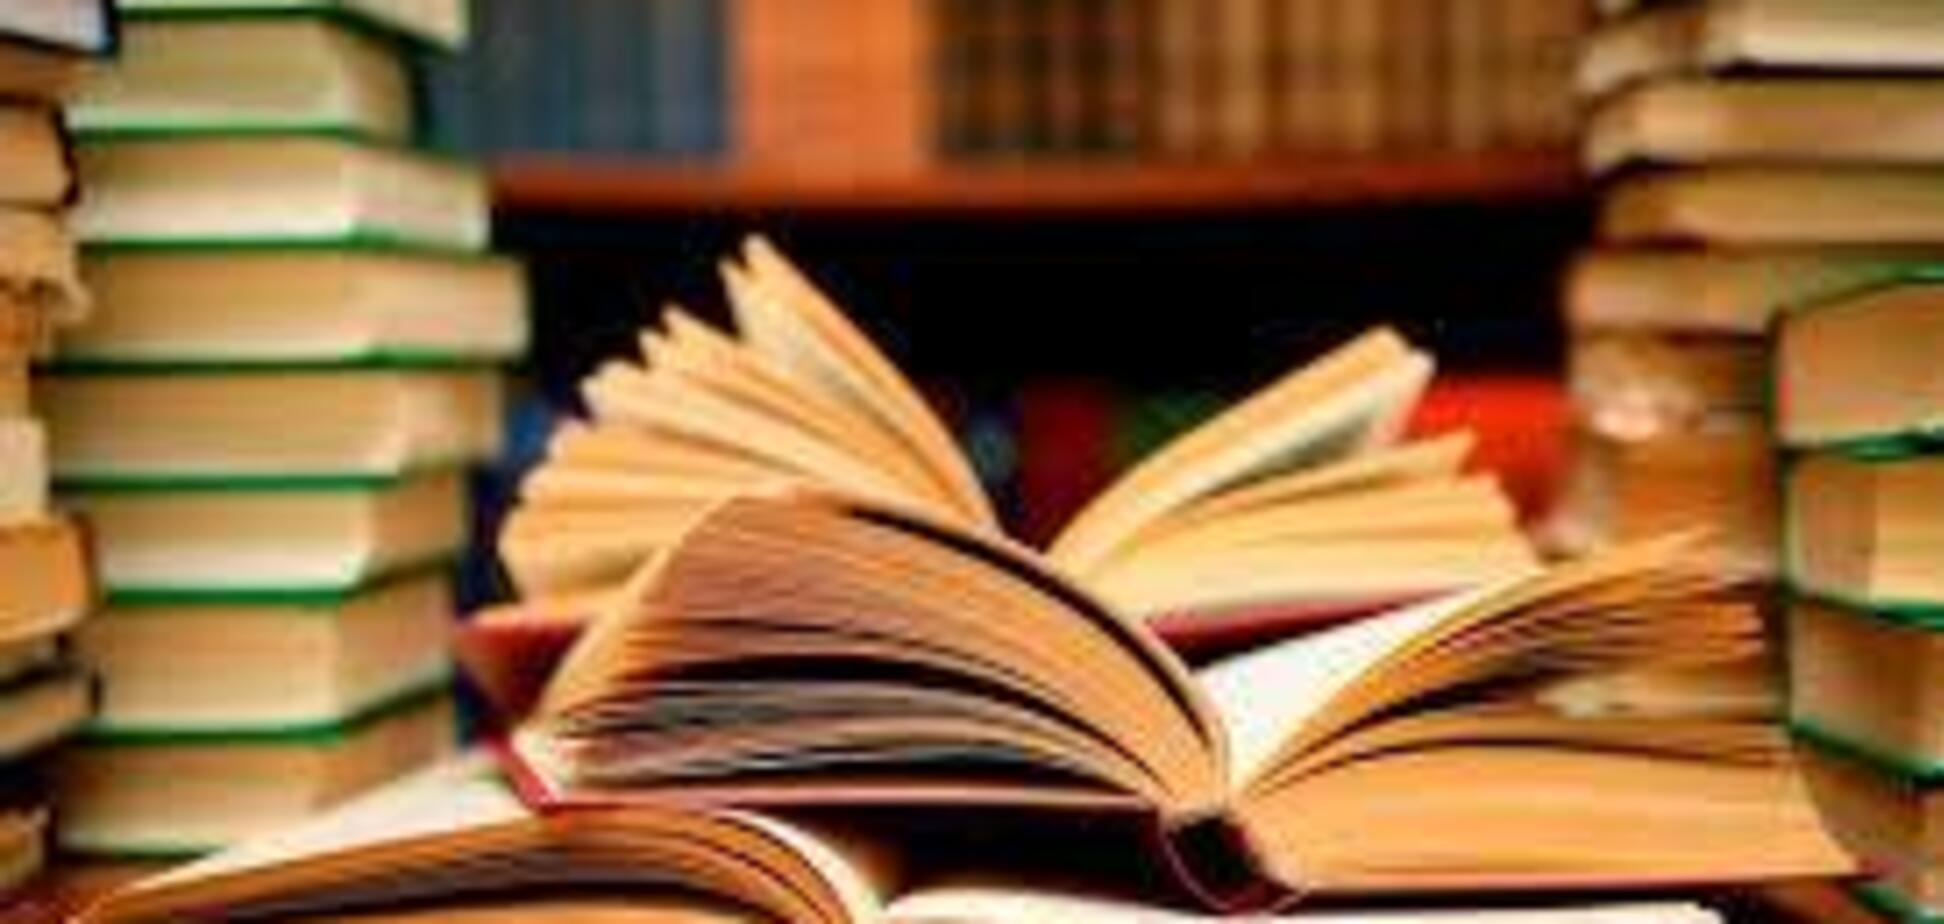 5 книг, які я просто 'всмоктав' за 10 діб